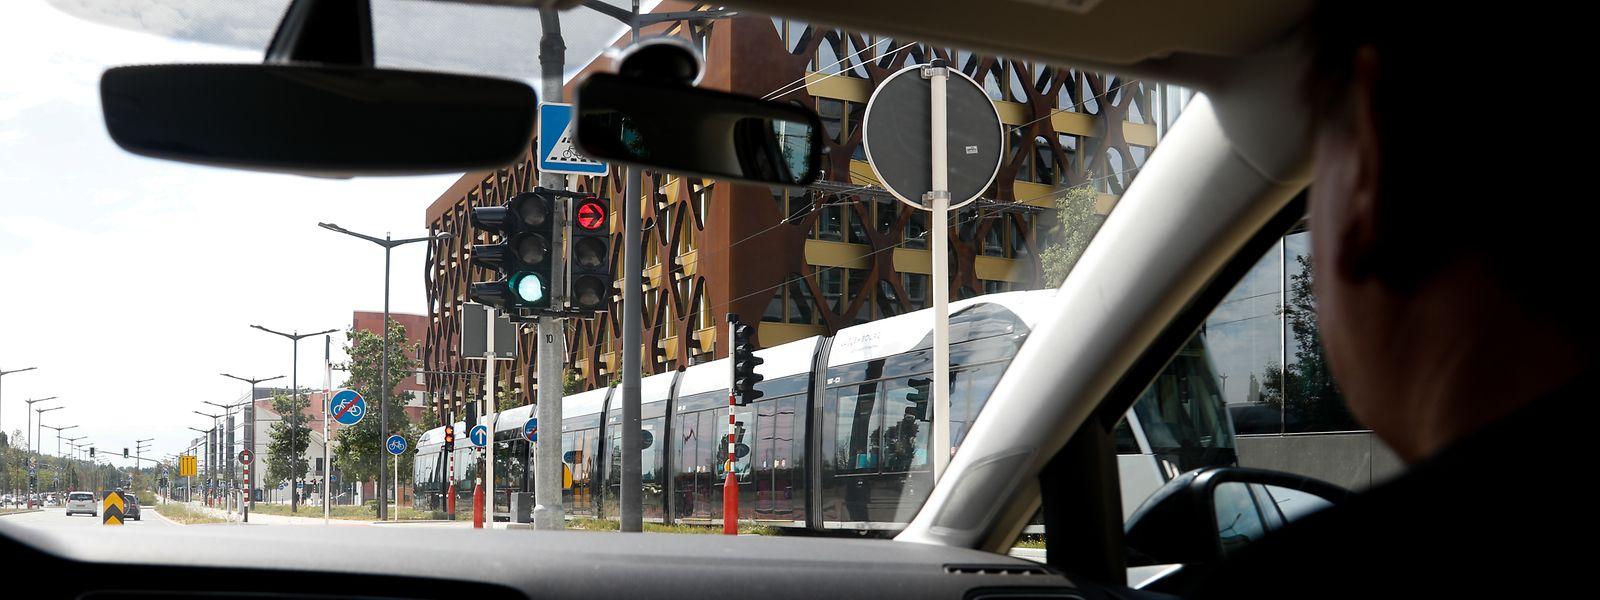 Raymond Brouschert, Fahrlehrer bei der Auto-Ecole Friden in Luxemburg-Stadt, hat bei Fahrstunden schon die ein oder andere heikle Situation beim Überqueren von Straßenbahnkreuzungen erlebt.